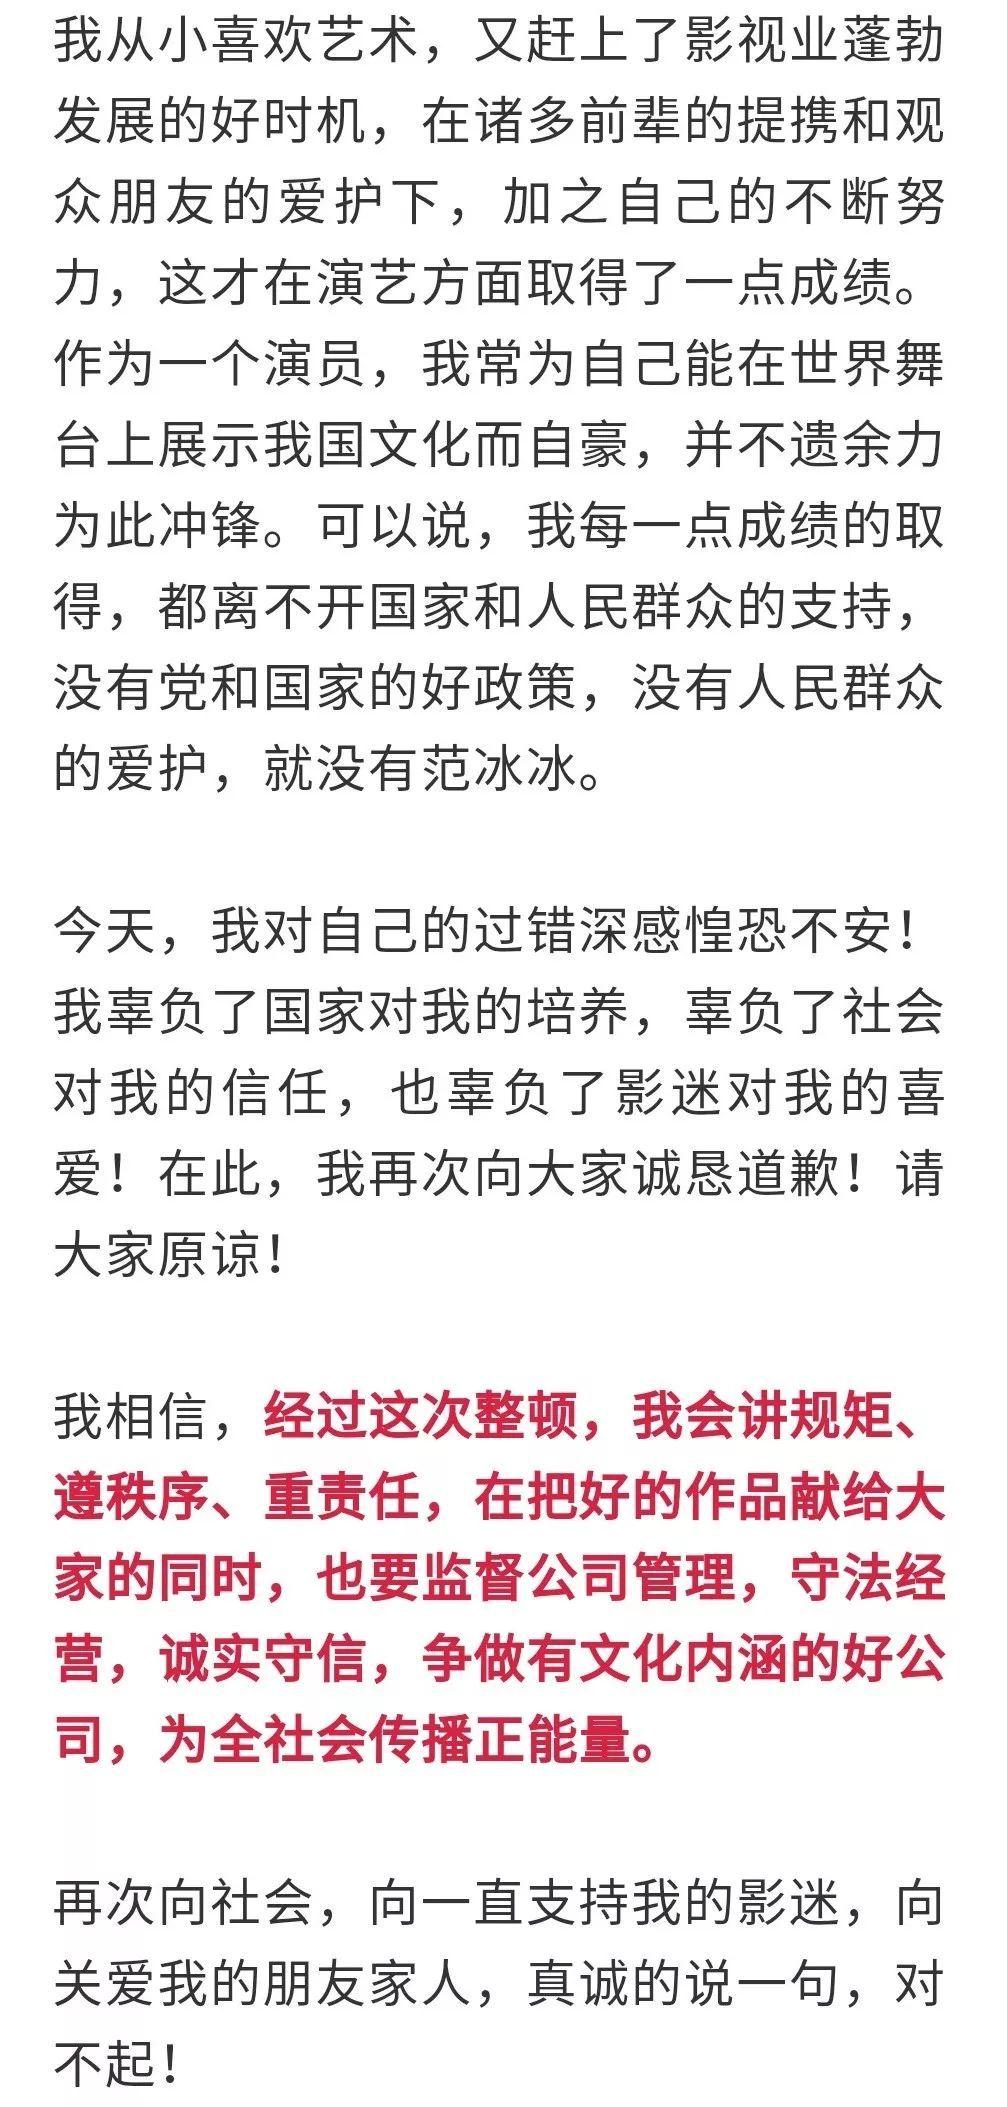 范冰冰发道歉信:对自己所作所为深感羞愧,尽全力筹钱缴罚款